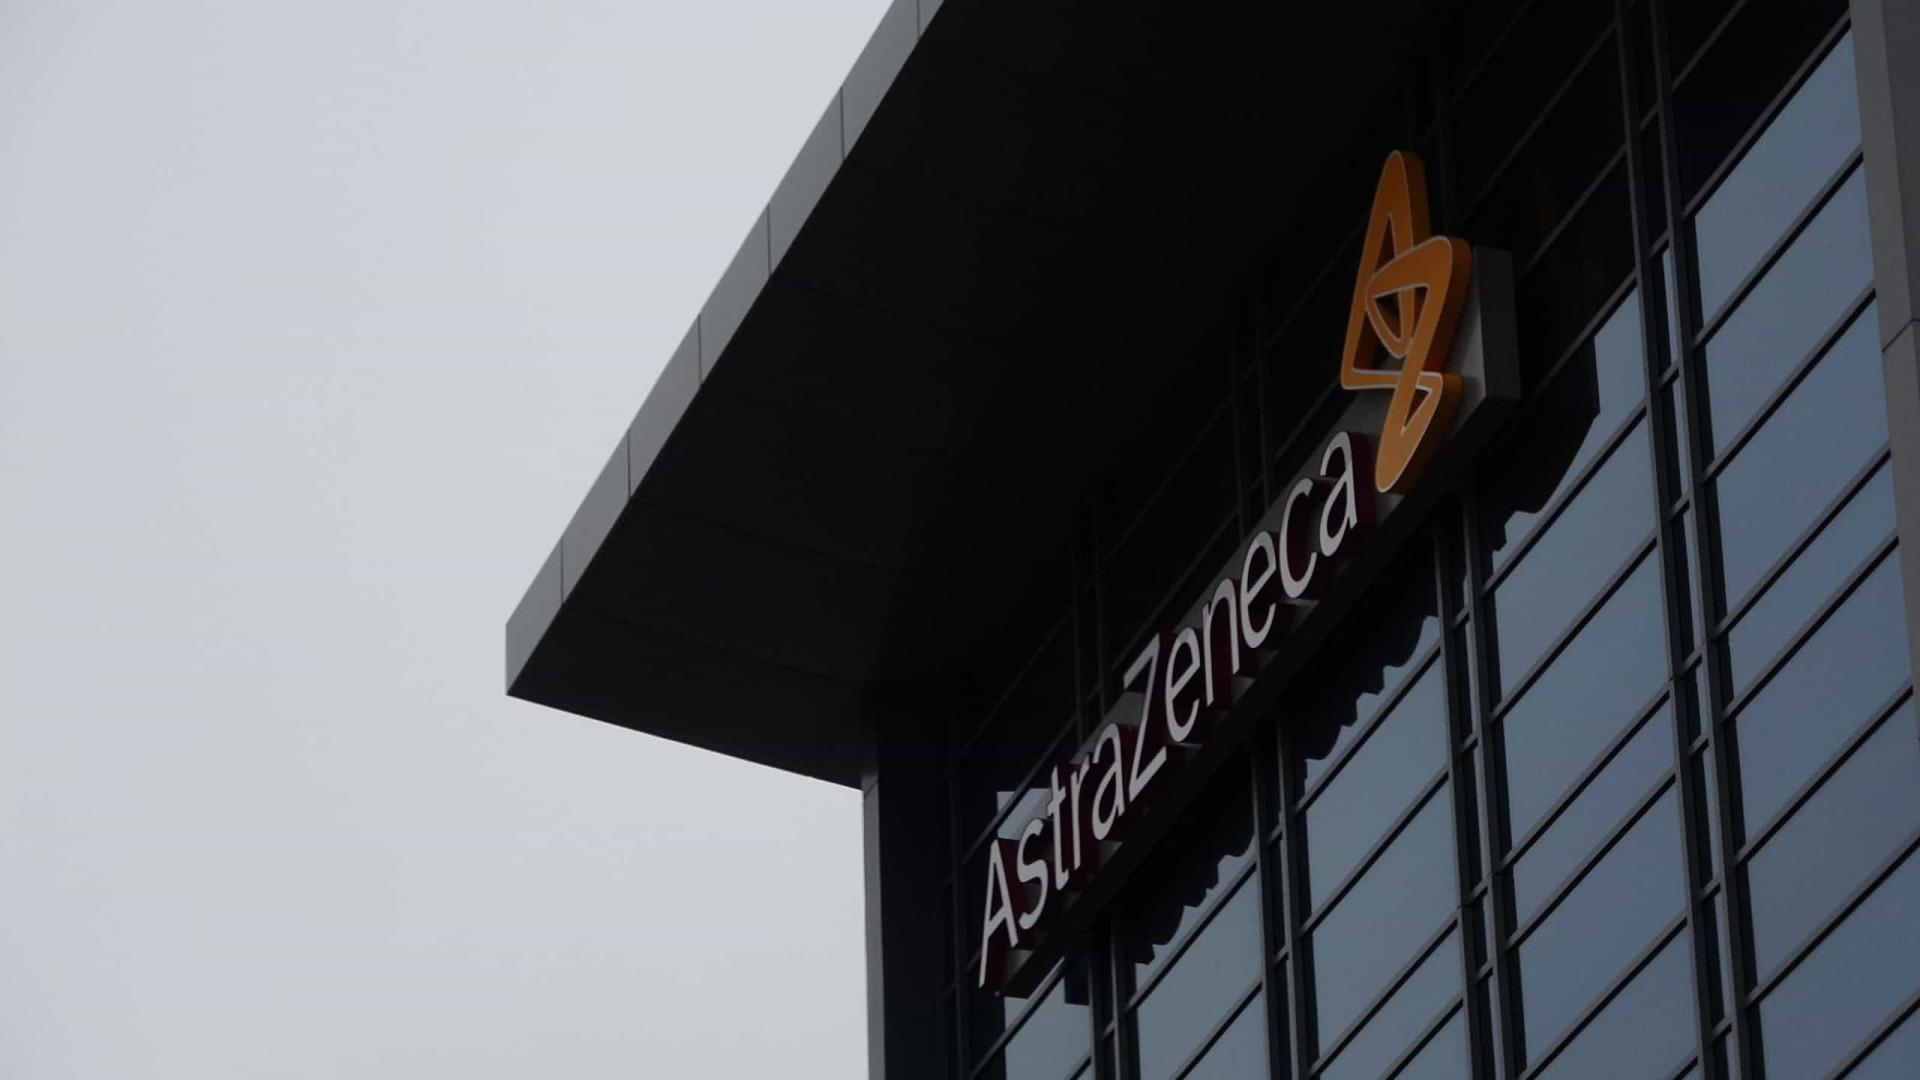 AstraZeneca: medicamento AZD7442 reduz casos graves da covid em teste de fase 3